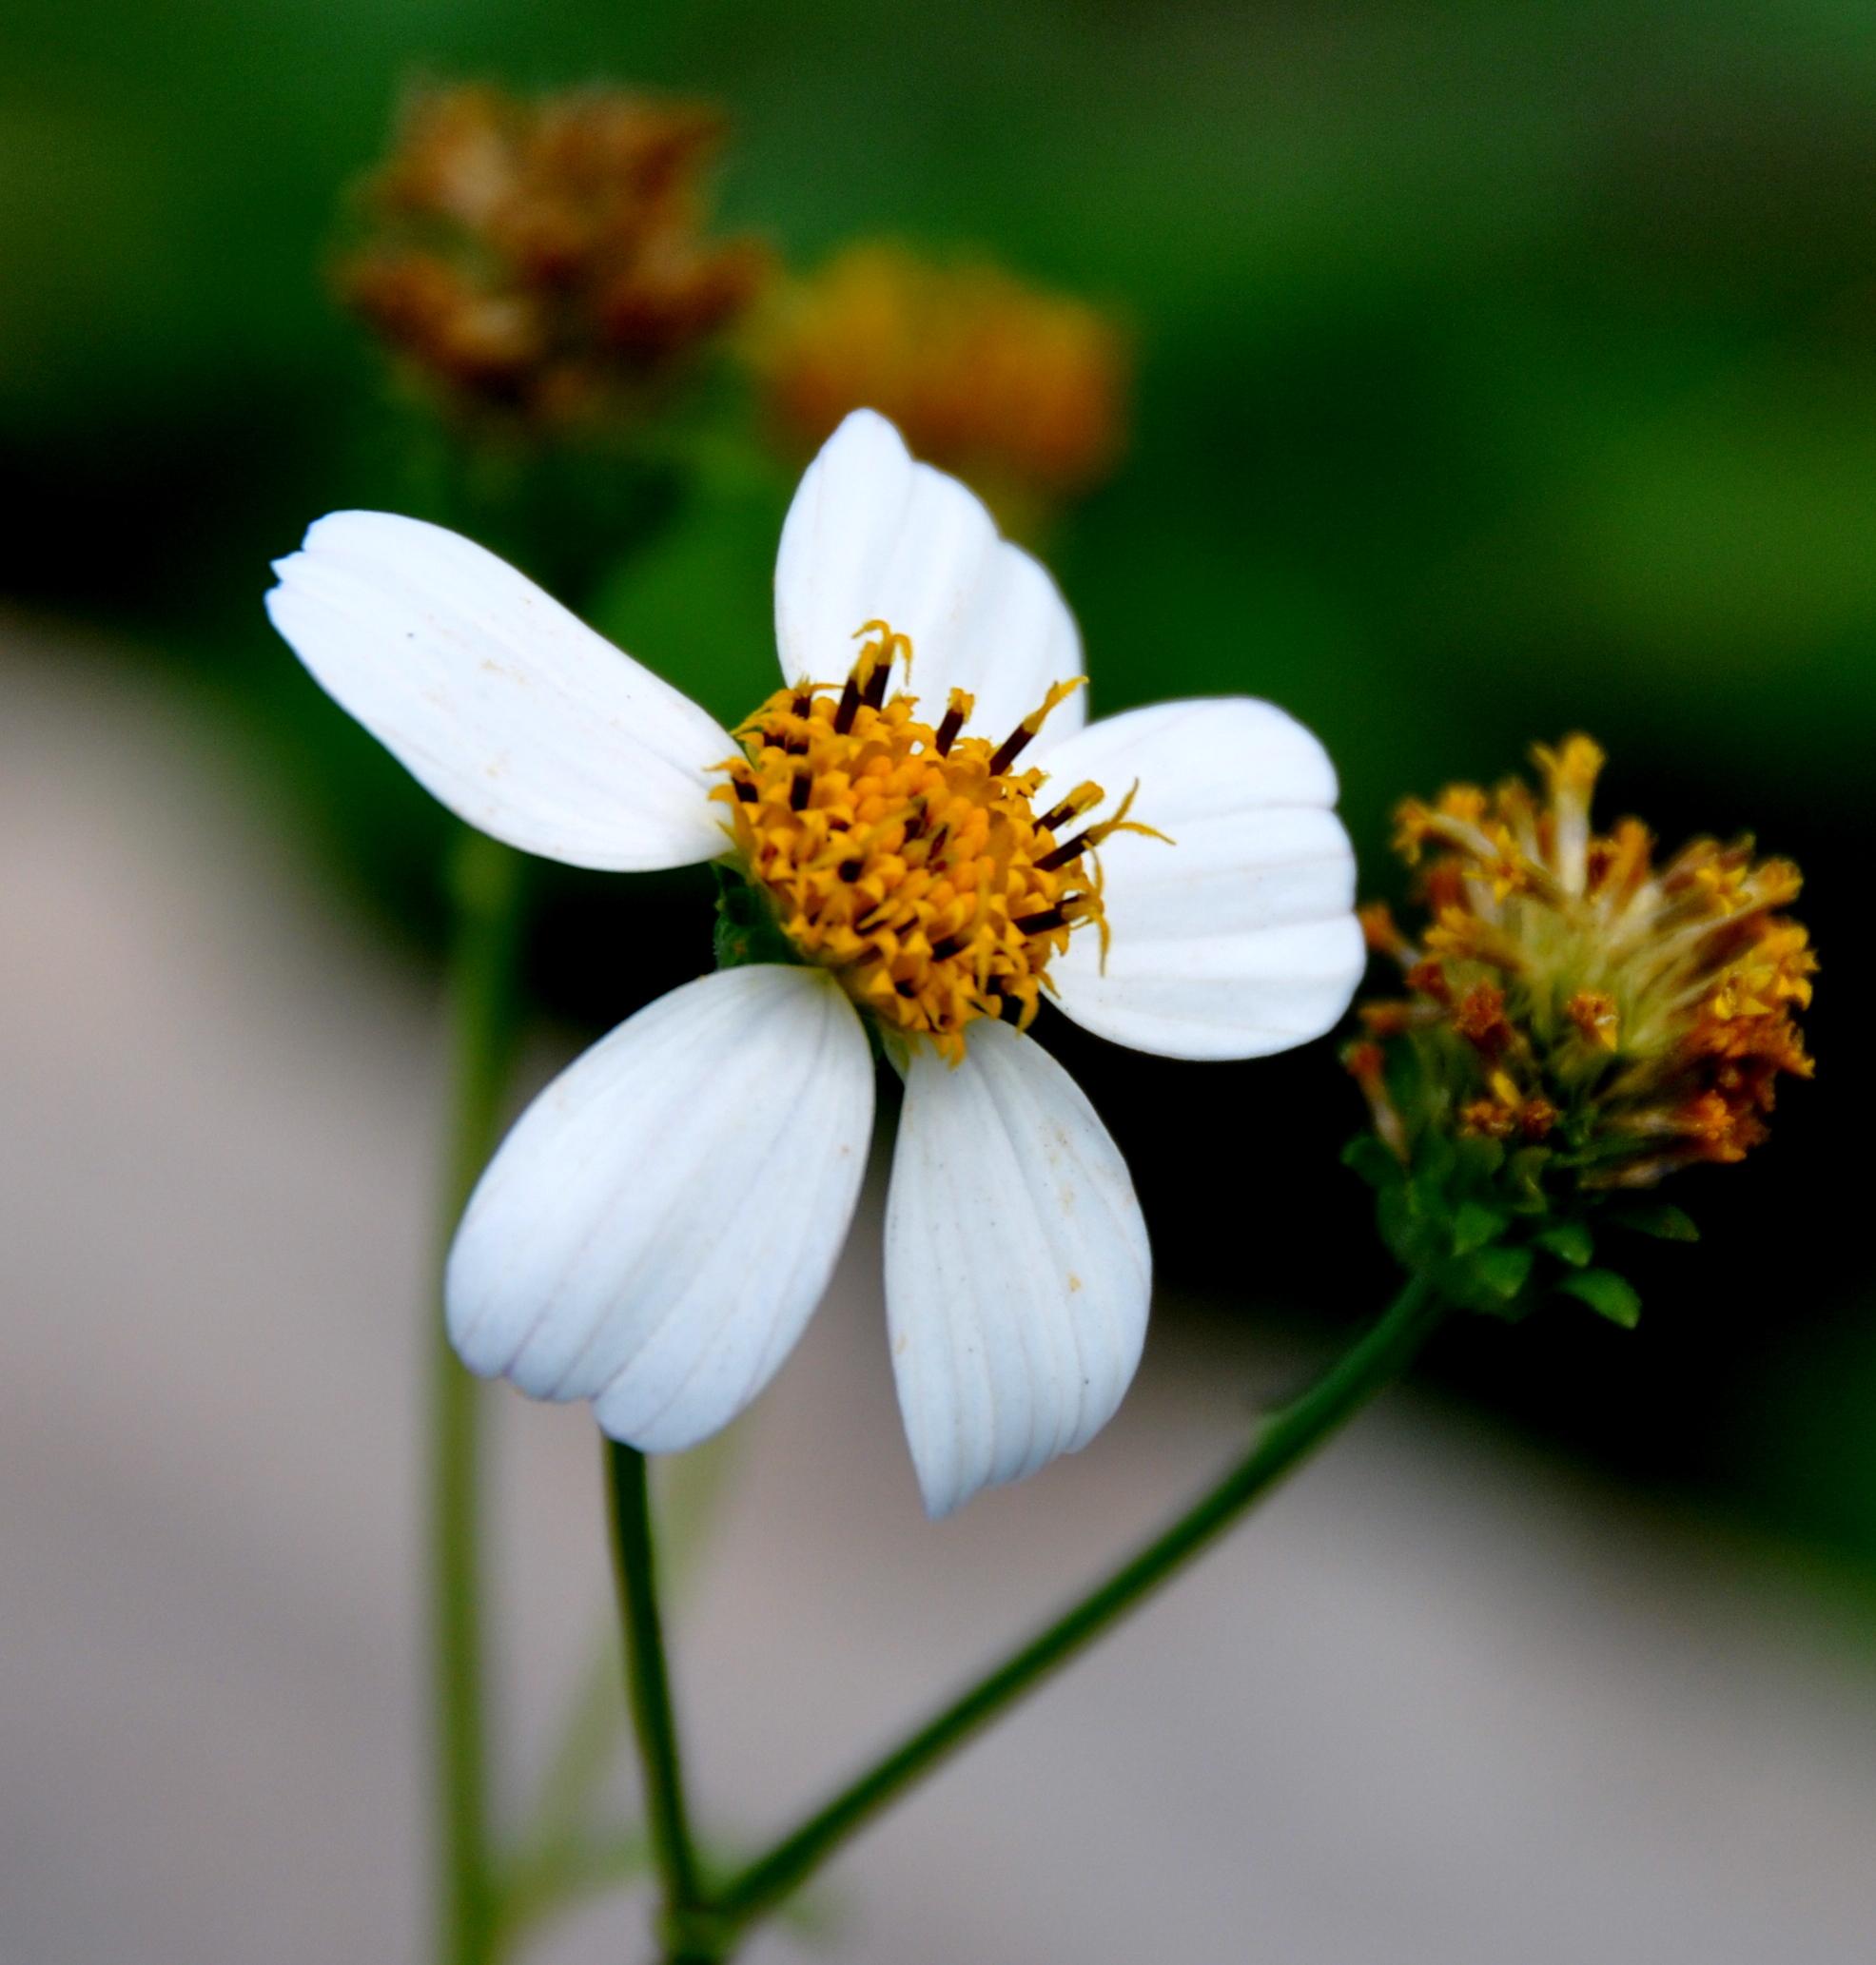 Hoa xuyến chi là hoa gì và hình ảnh đẹp nhất